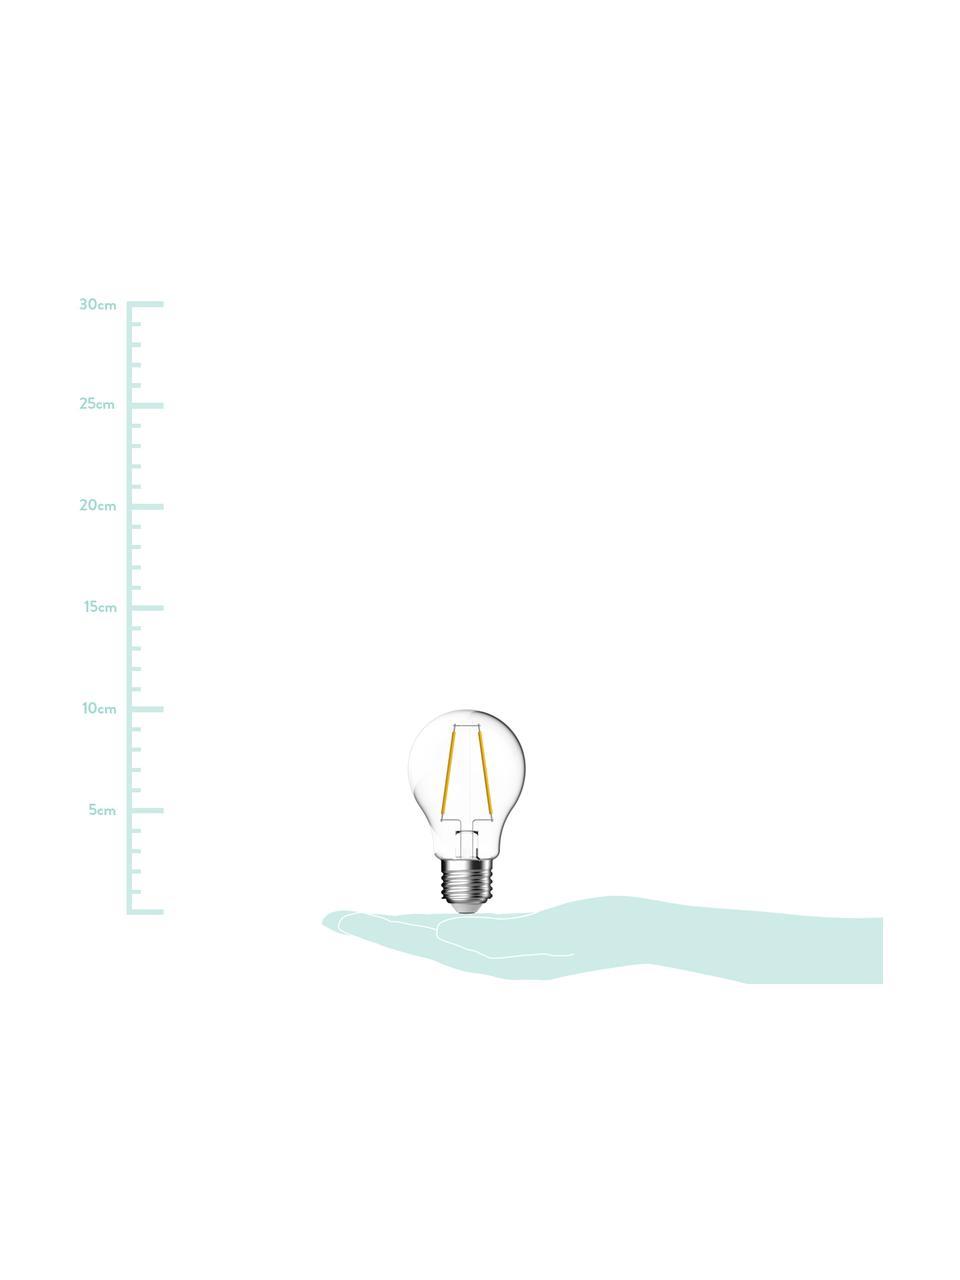 E27 Leuchtmittel, 4.6W, warmweiß, 1 Stück, Leuchtmittelschirm: Glas, Leuchtmittelfassung: Aluminium, Transparent, Ø 6 x H 10 cm